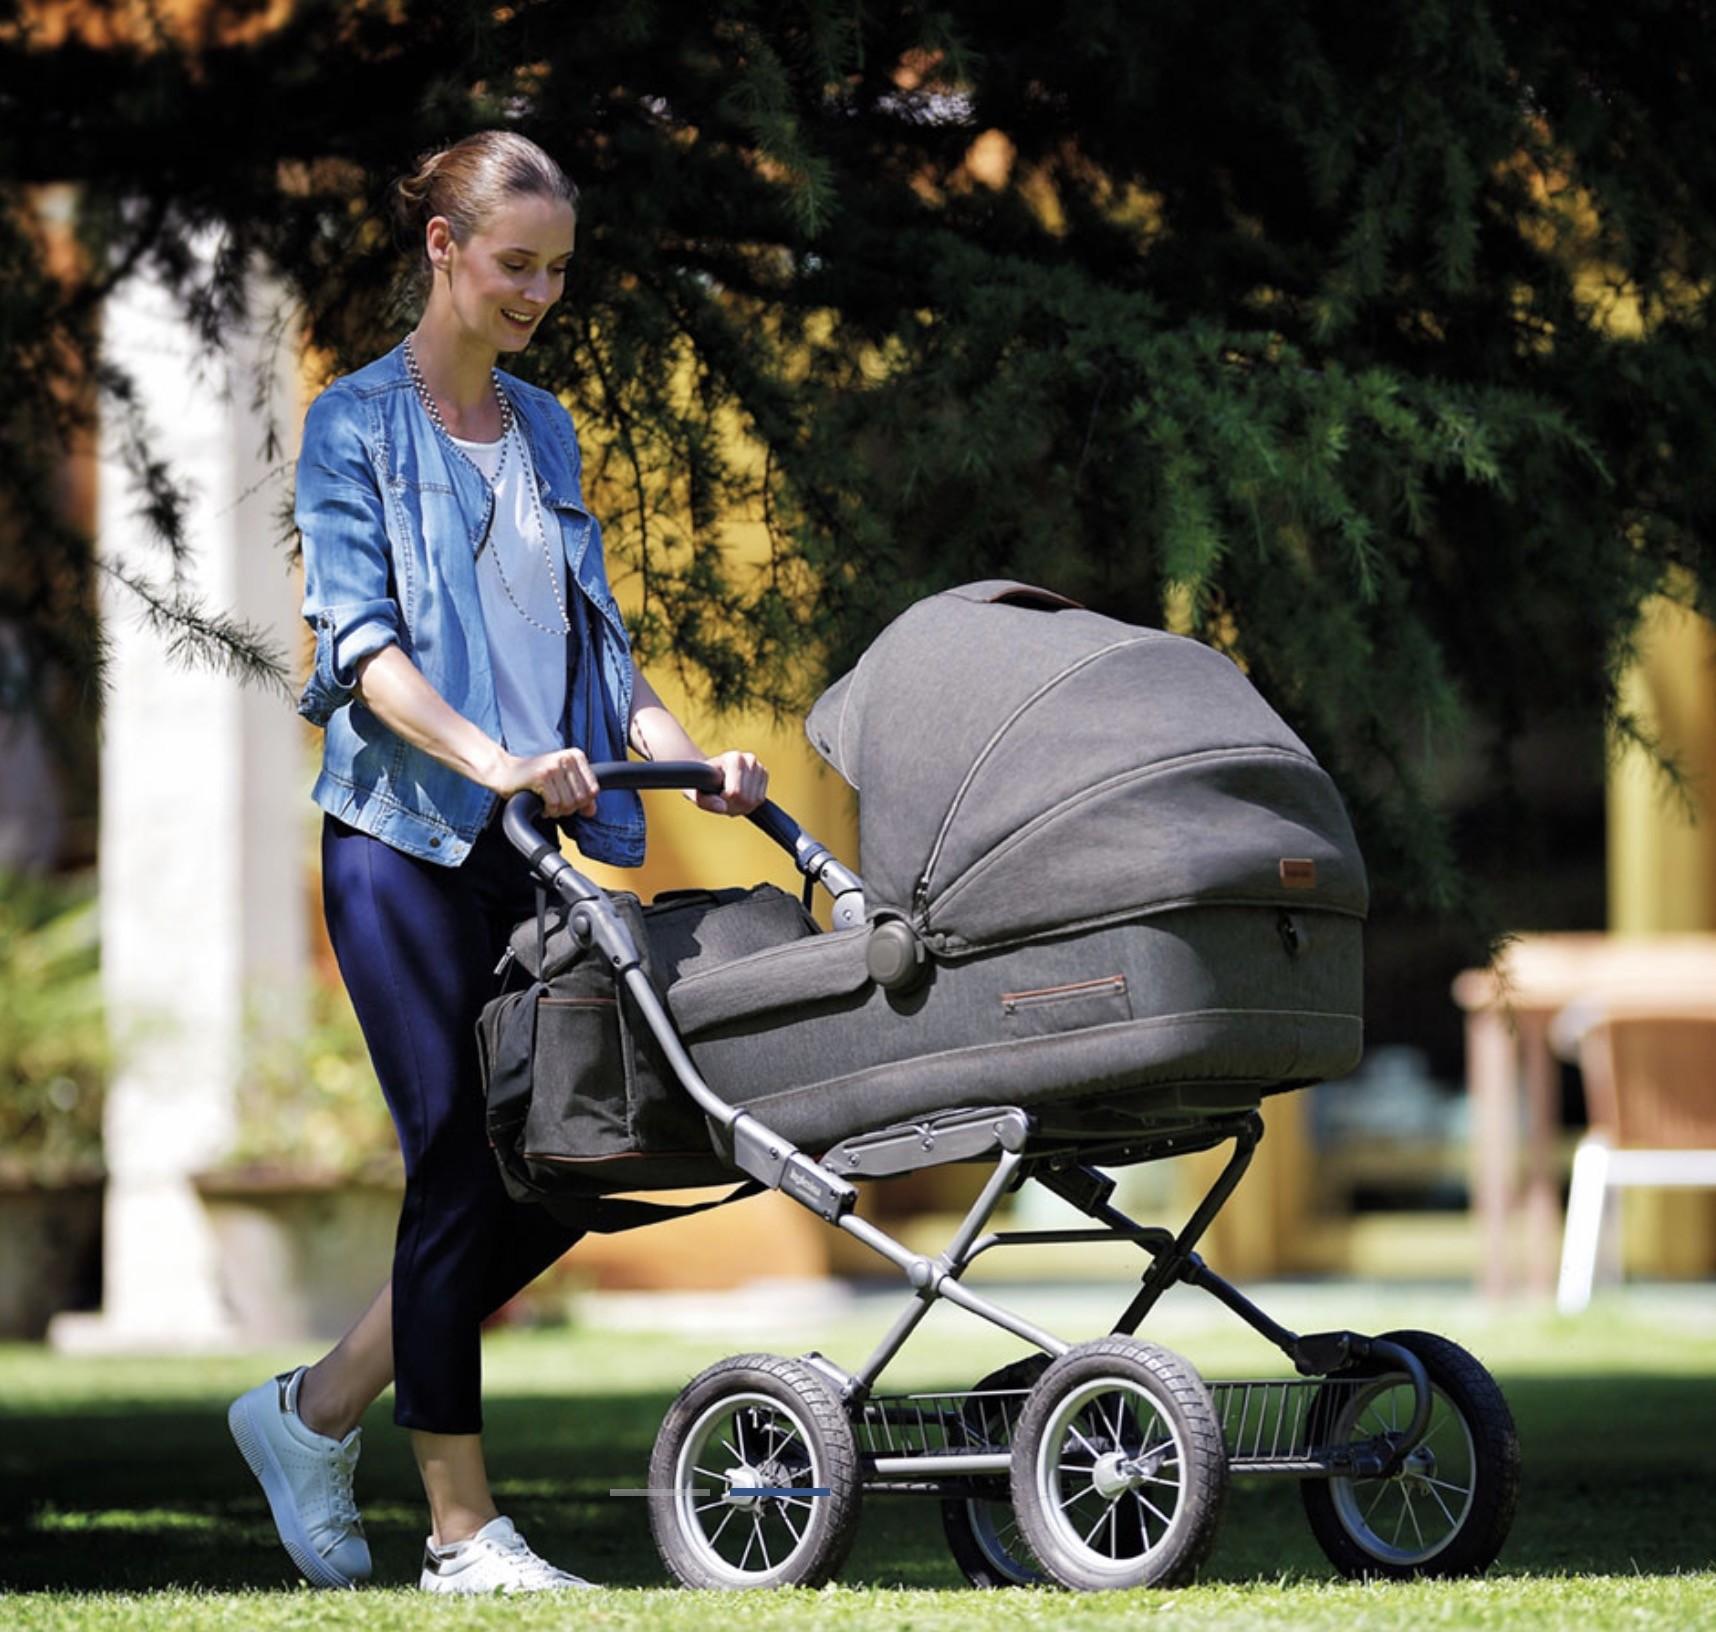 Детская коляска для новорожденных 1 в 1 inglesina Sofia купить в мгазине Piccolo в СПб